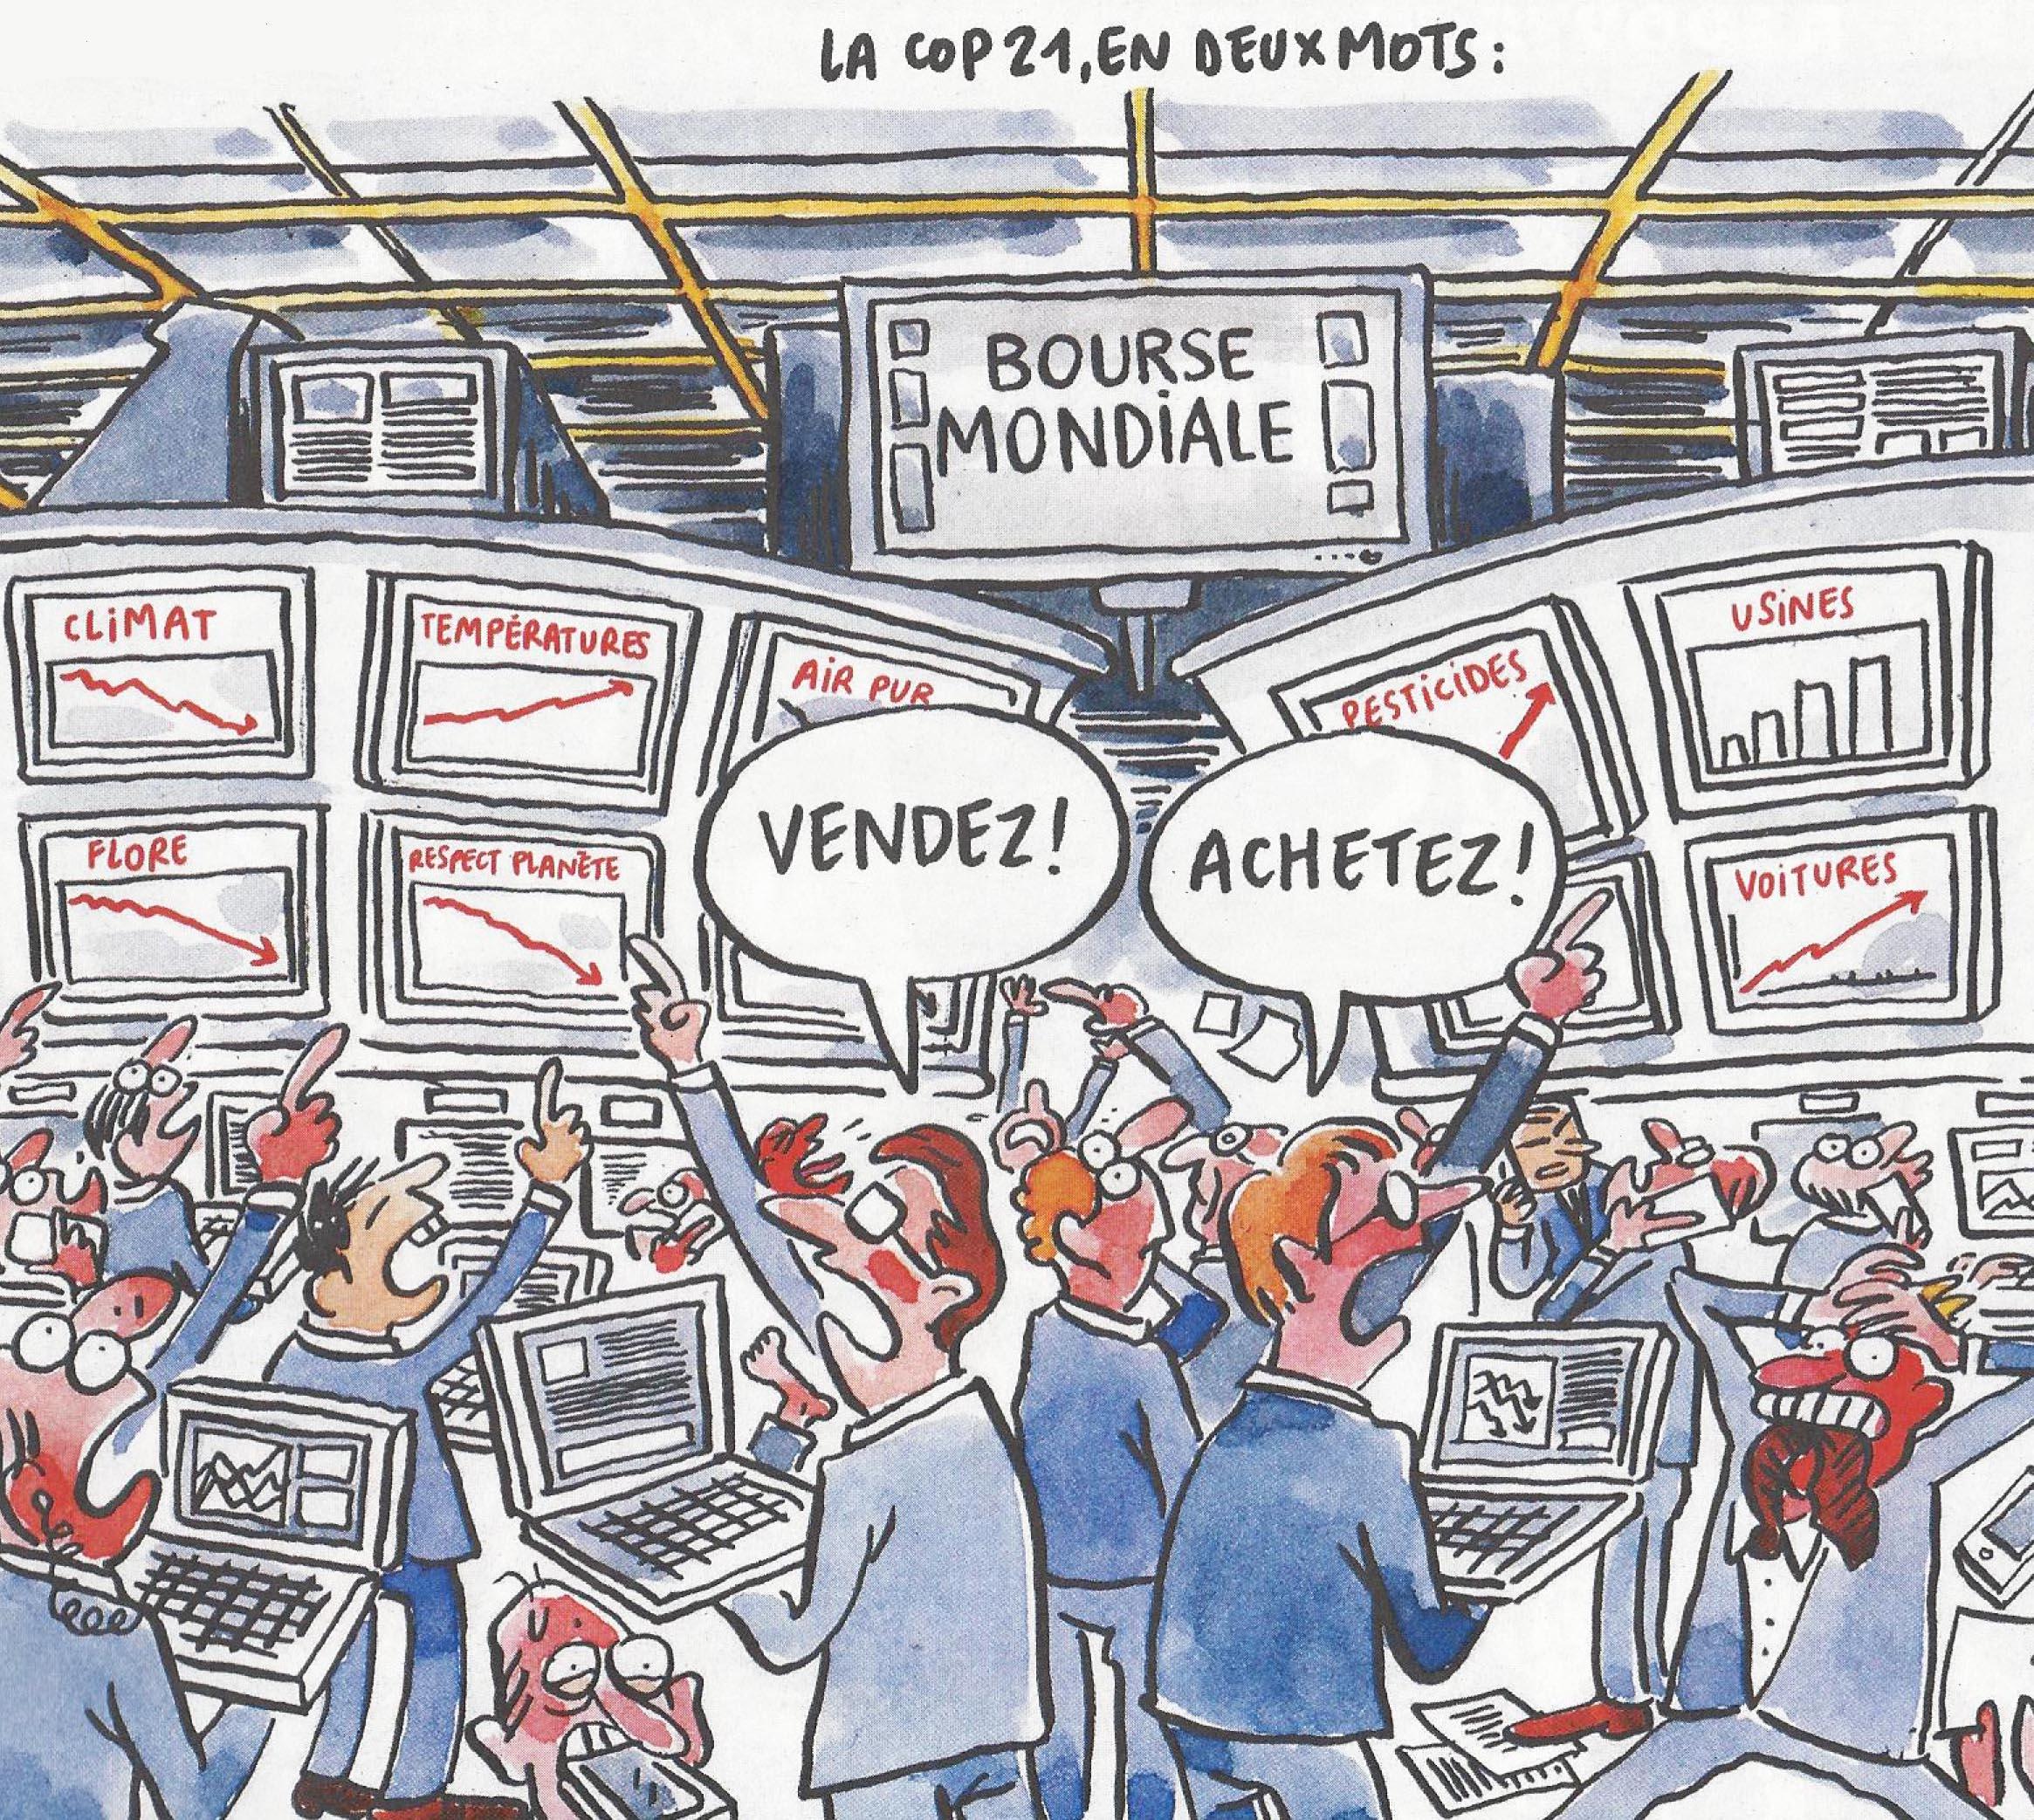 Charlie-151113-COP 21 Bourse-X